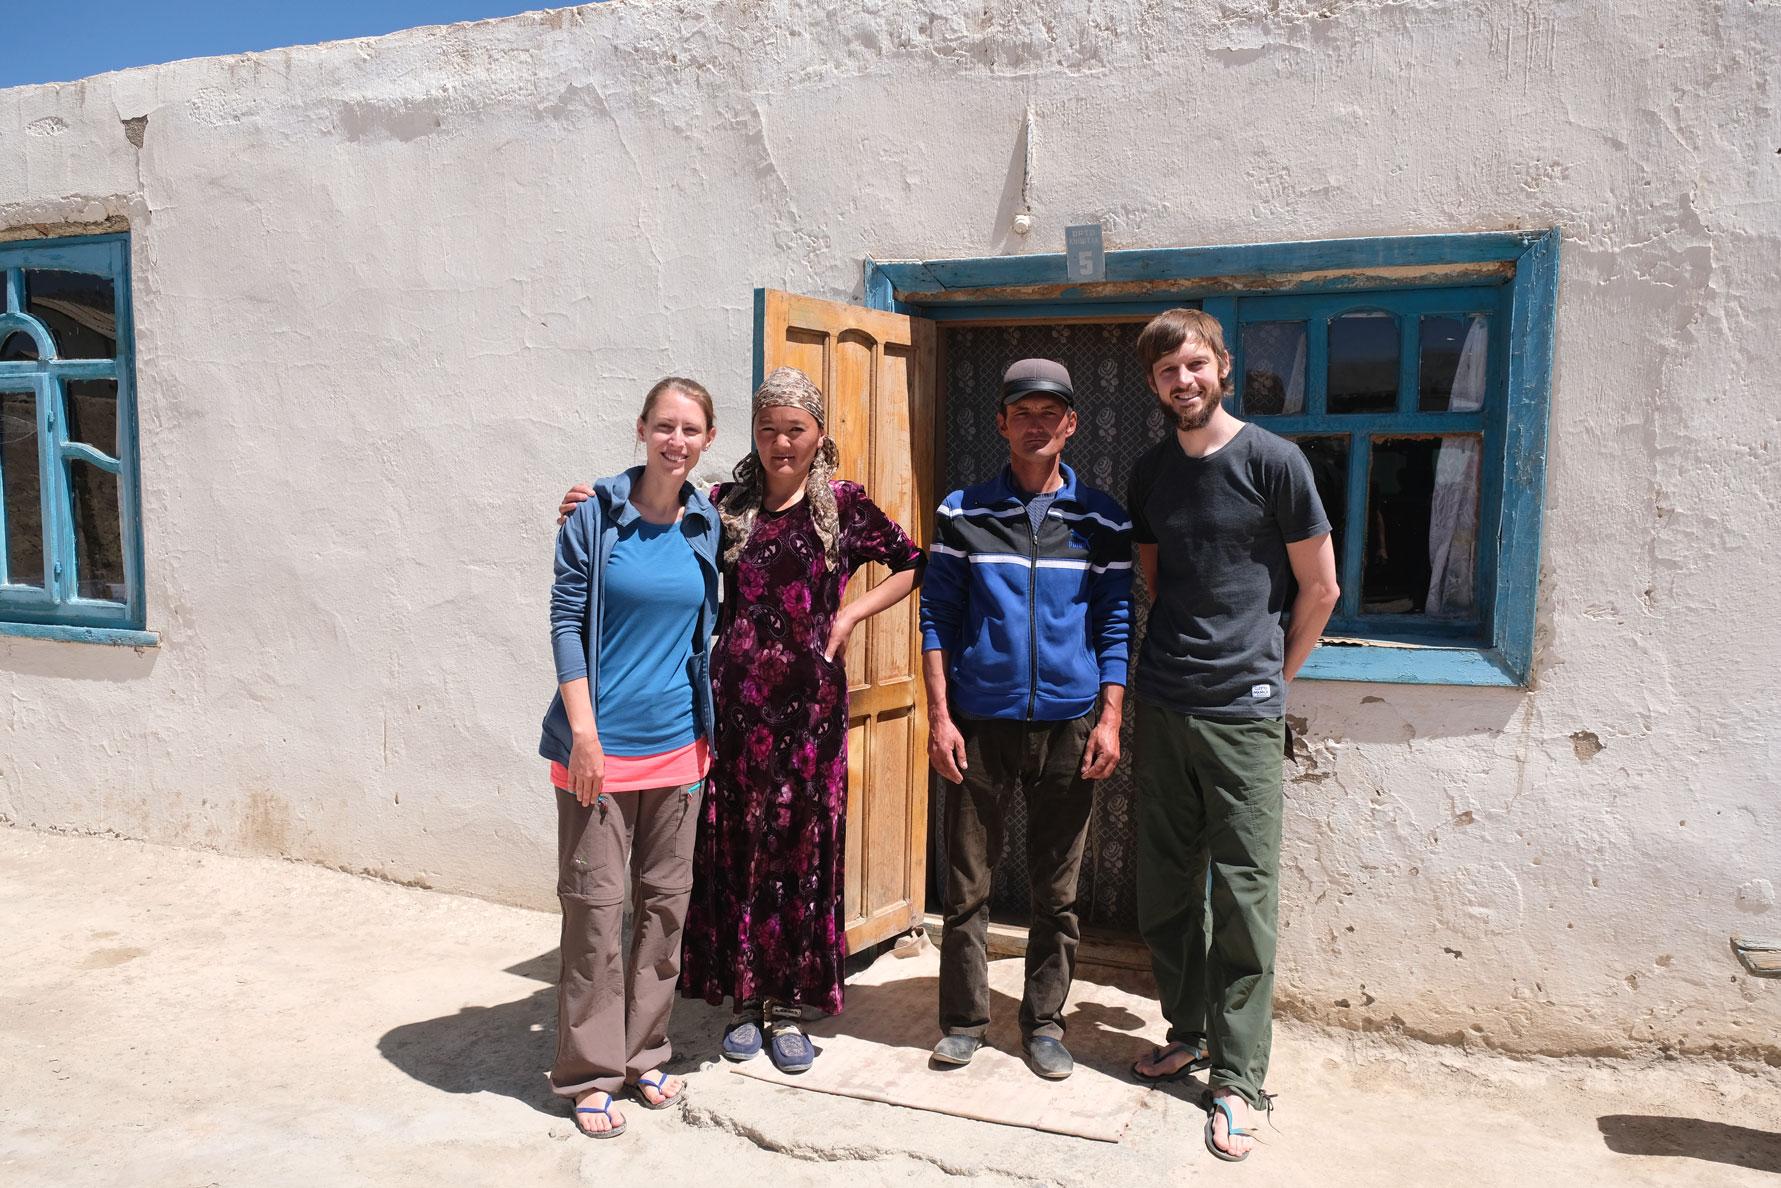 Leo und Sebastian mit zwei Personen vor einem Homestay in Rangkul im Pamirgebirge.